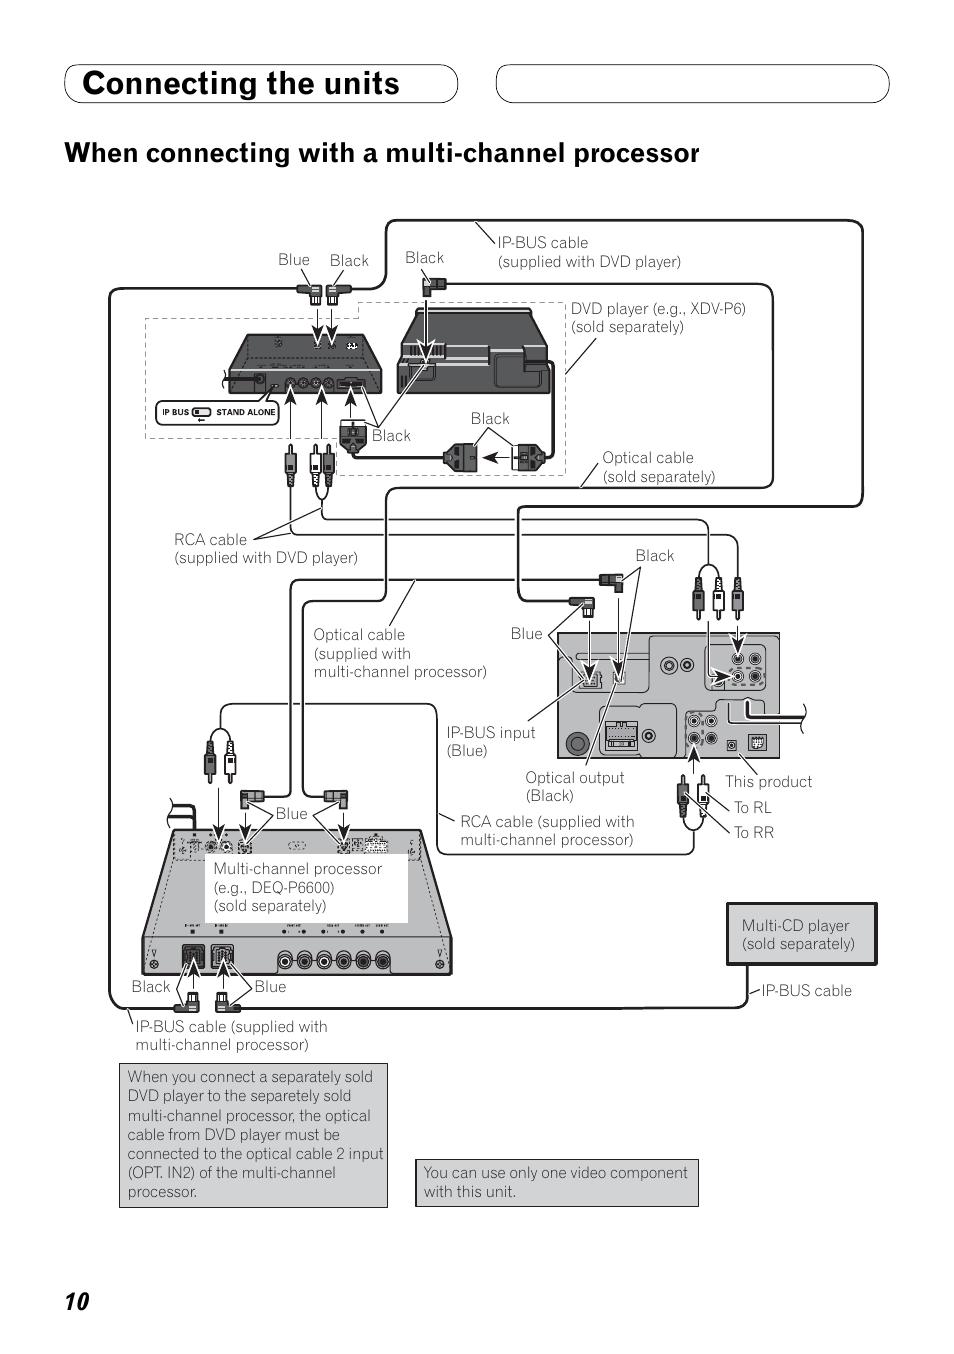 kenwood double din wiring diagram 2005 pontiac g6 pioneer avh x5800bhs stereo ~ elsalvadorla